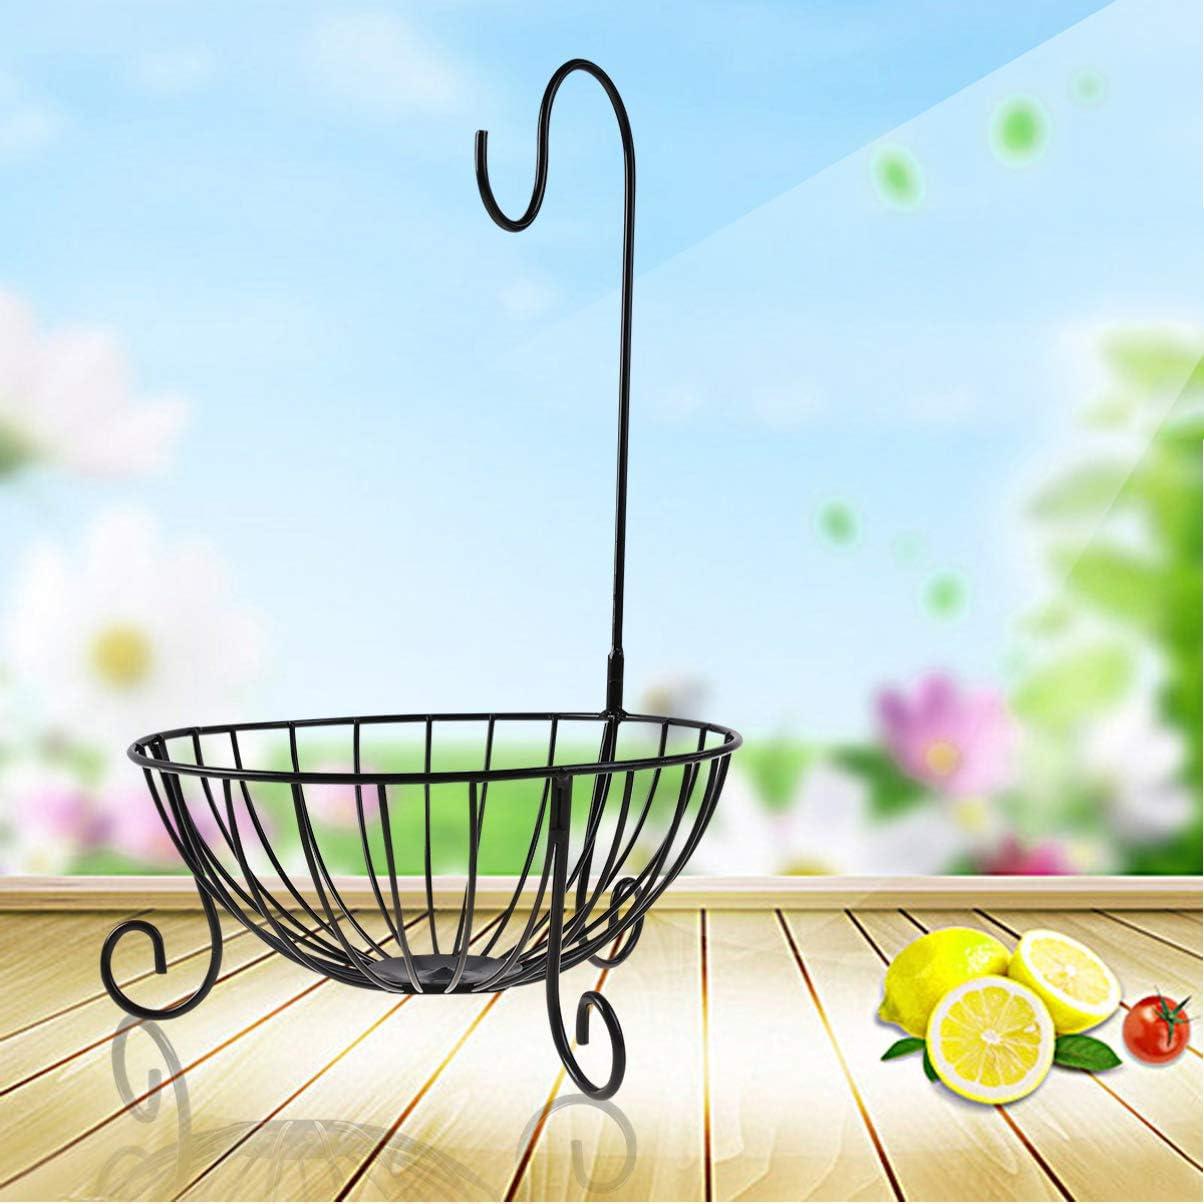 Homoyoyo Cesta de Frutas con Colgador de Pl/átano Desmontable Soporte de Frutero de Metal para Cocina Casera Blanco